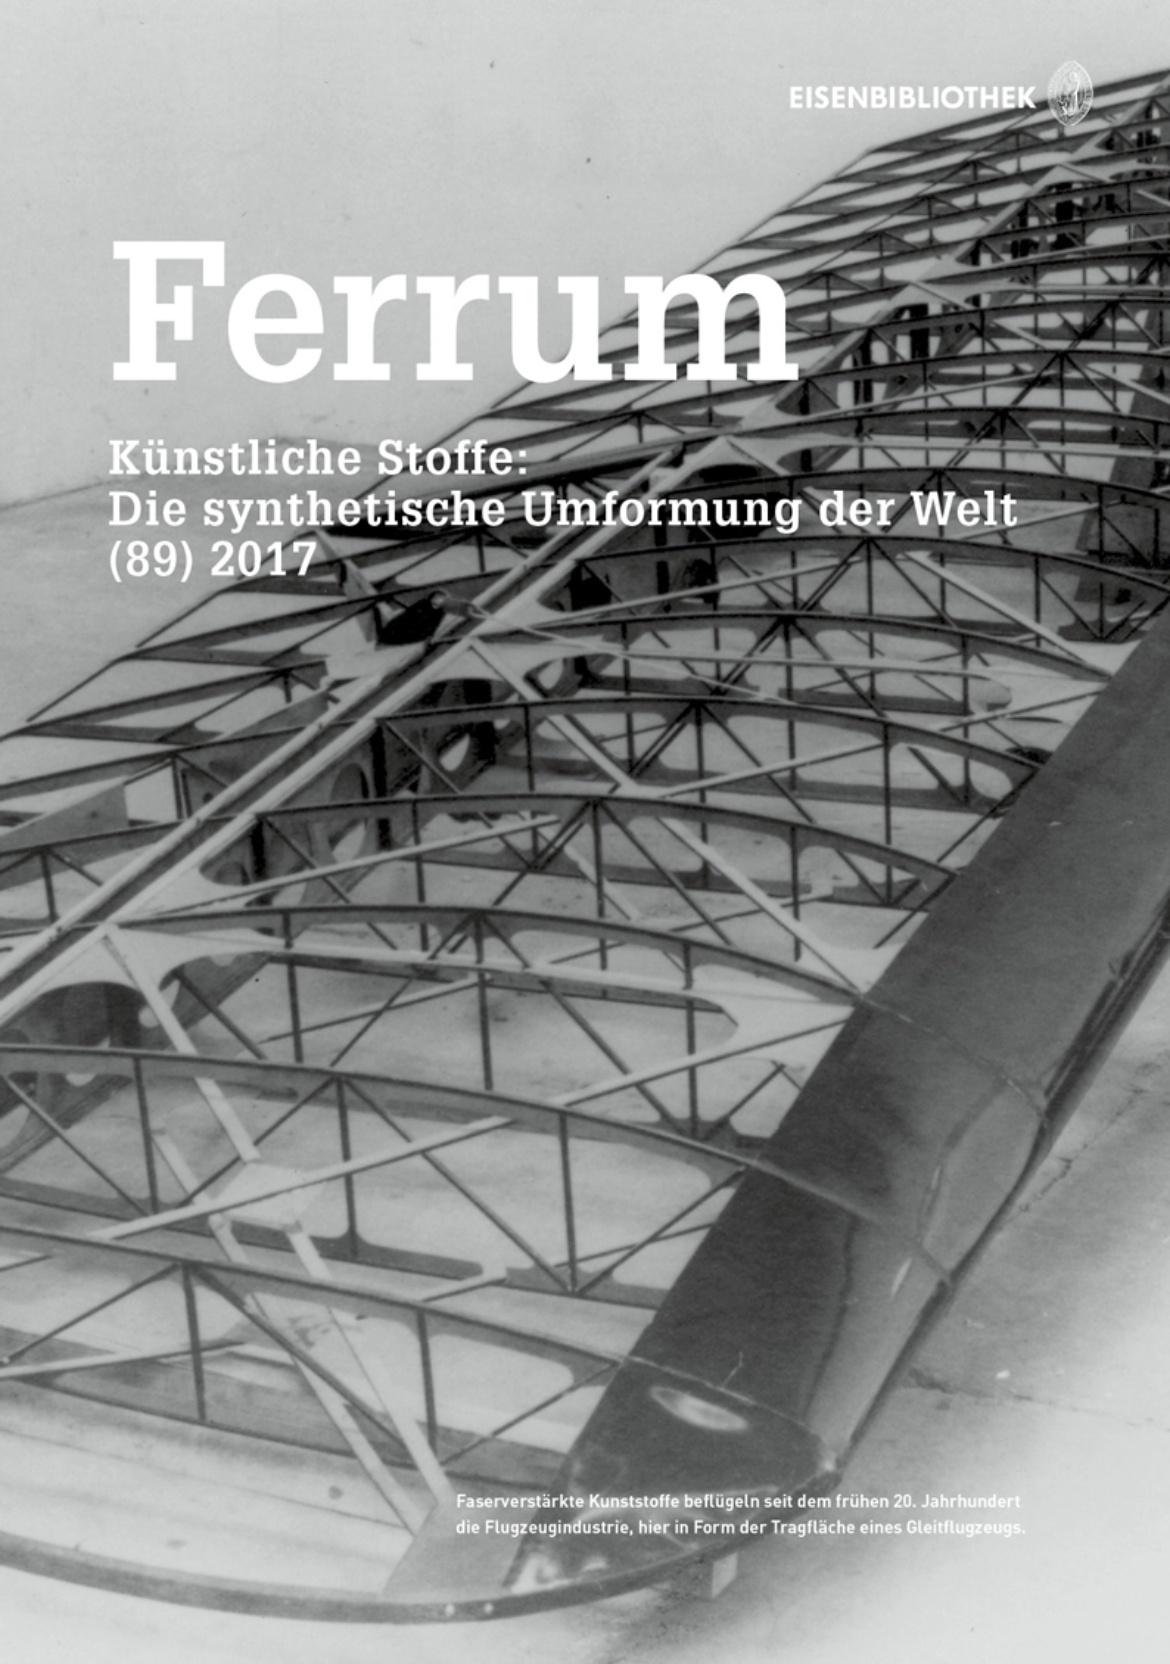 Visionäre «beflügeln» Polymere: Verkannte Potentiale? Hybride Werkstoffe in der ersten Hälfte des 20. Jahrhunderts.